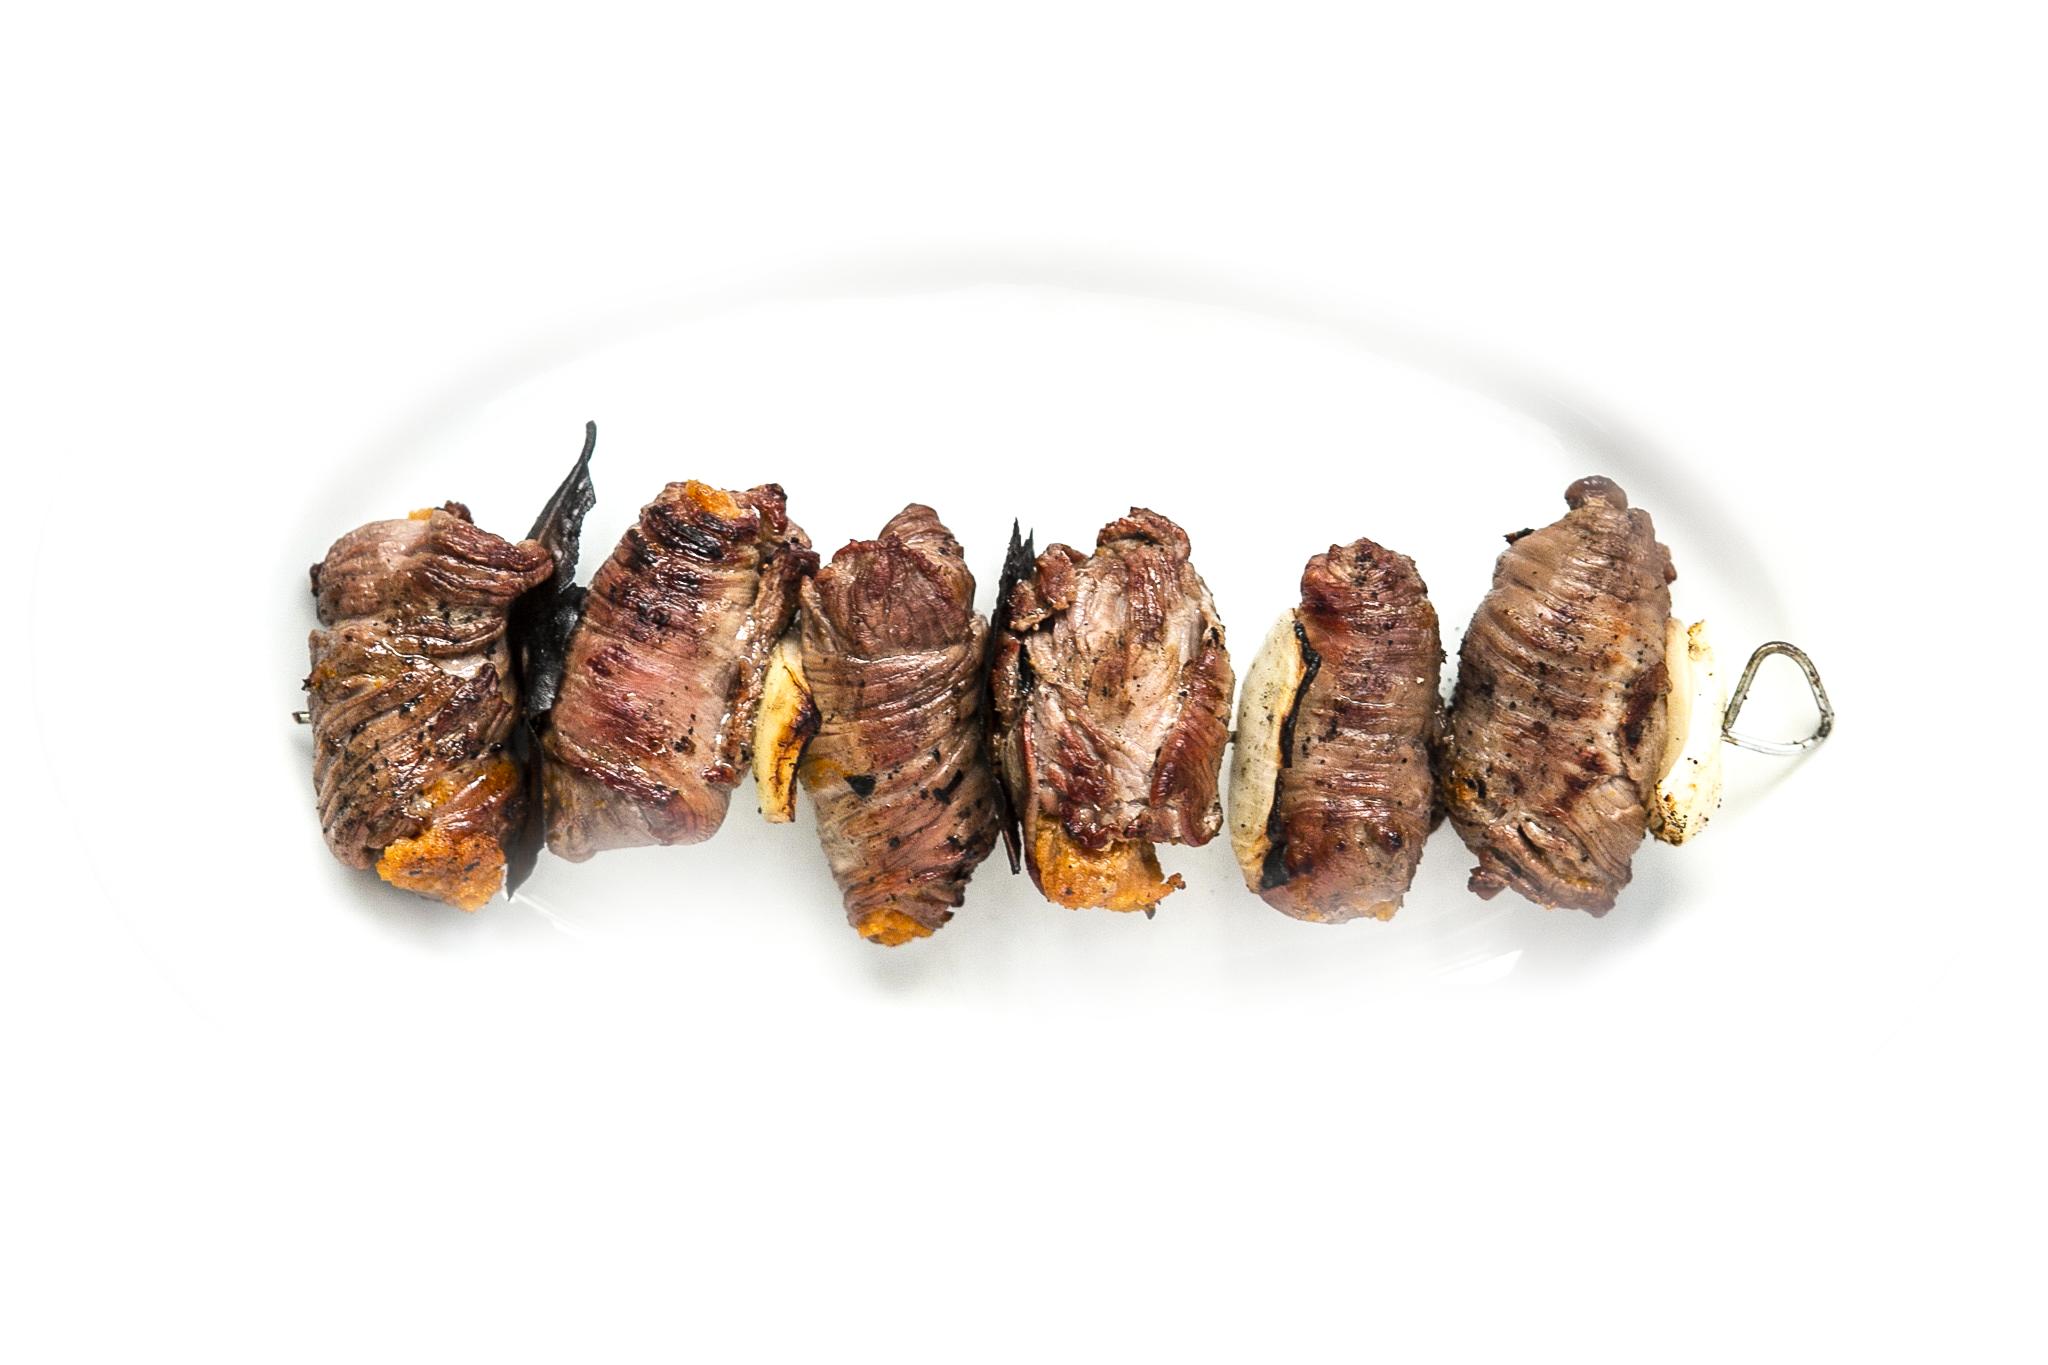 trattoria Don Ciccio Bagheria provincia di Palermo, antipasti siciliani, contorni siciliani, primi tipici siciliani, secondi di pesce , secondi piatti di carne, dolci tipici siciliani